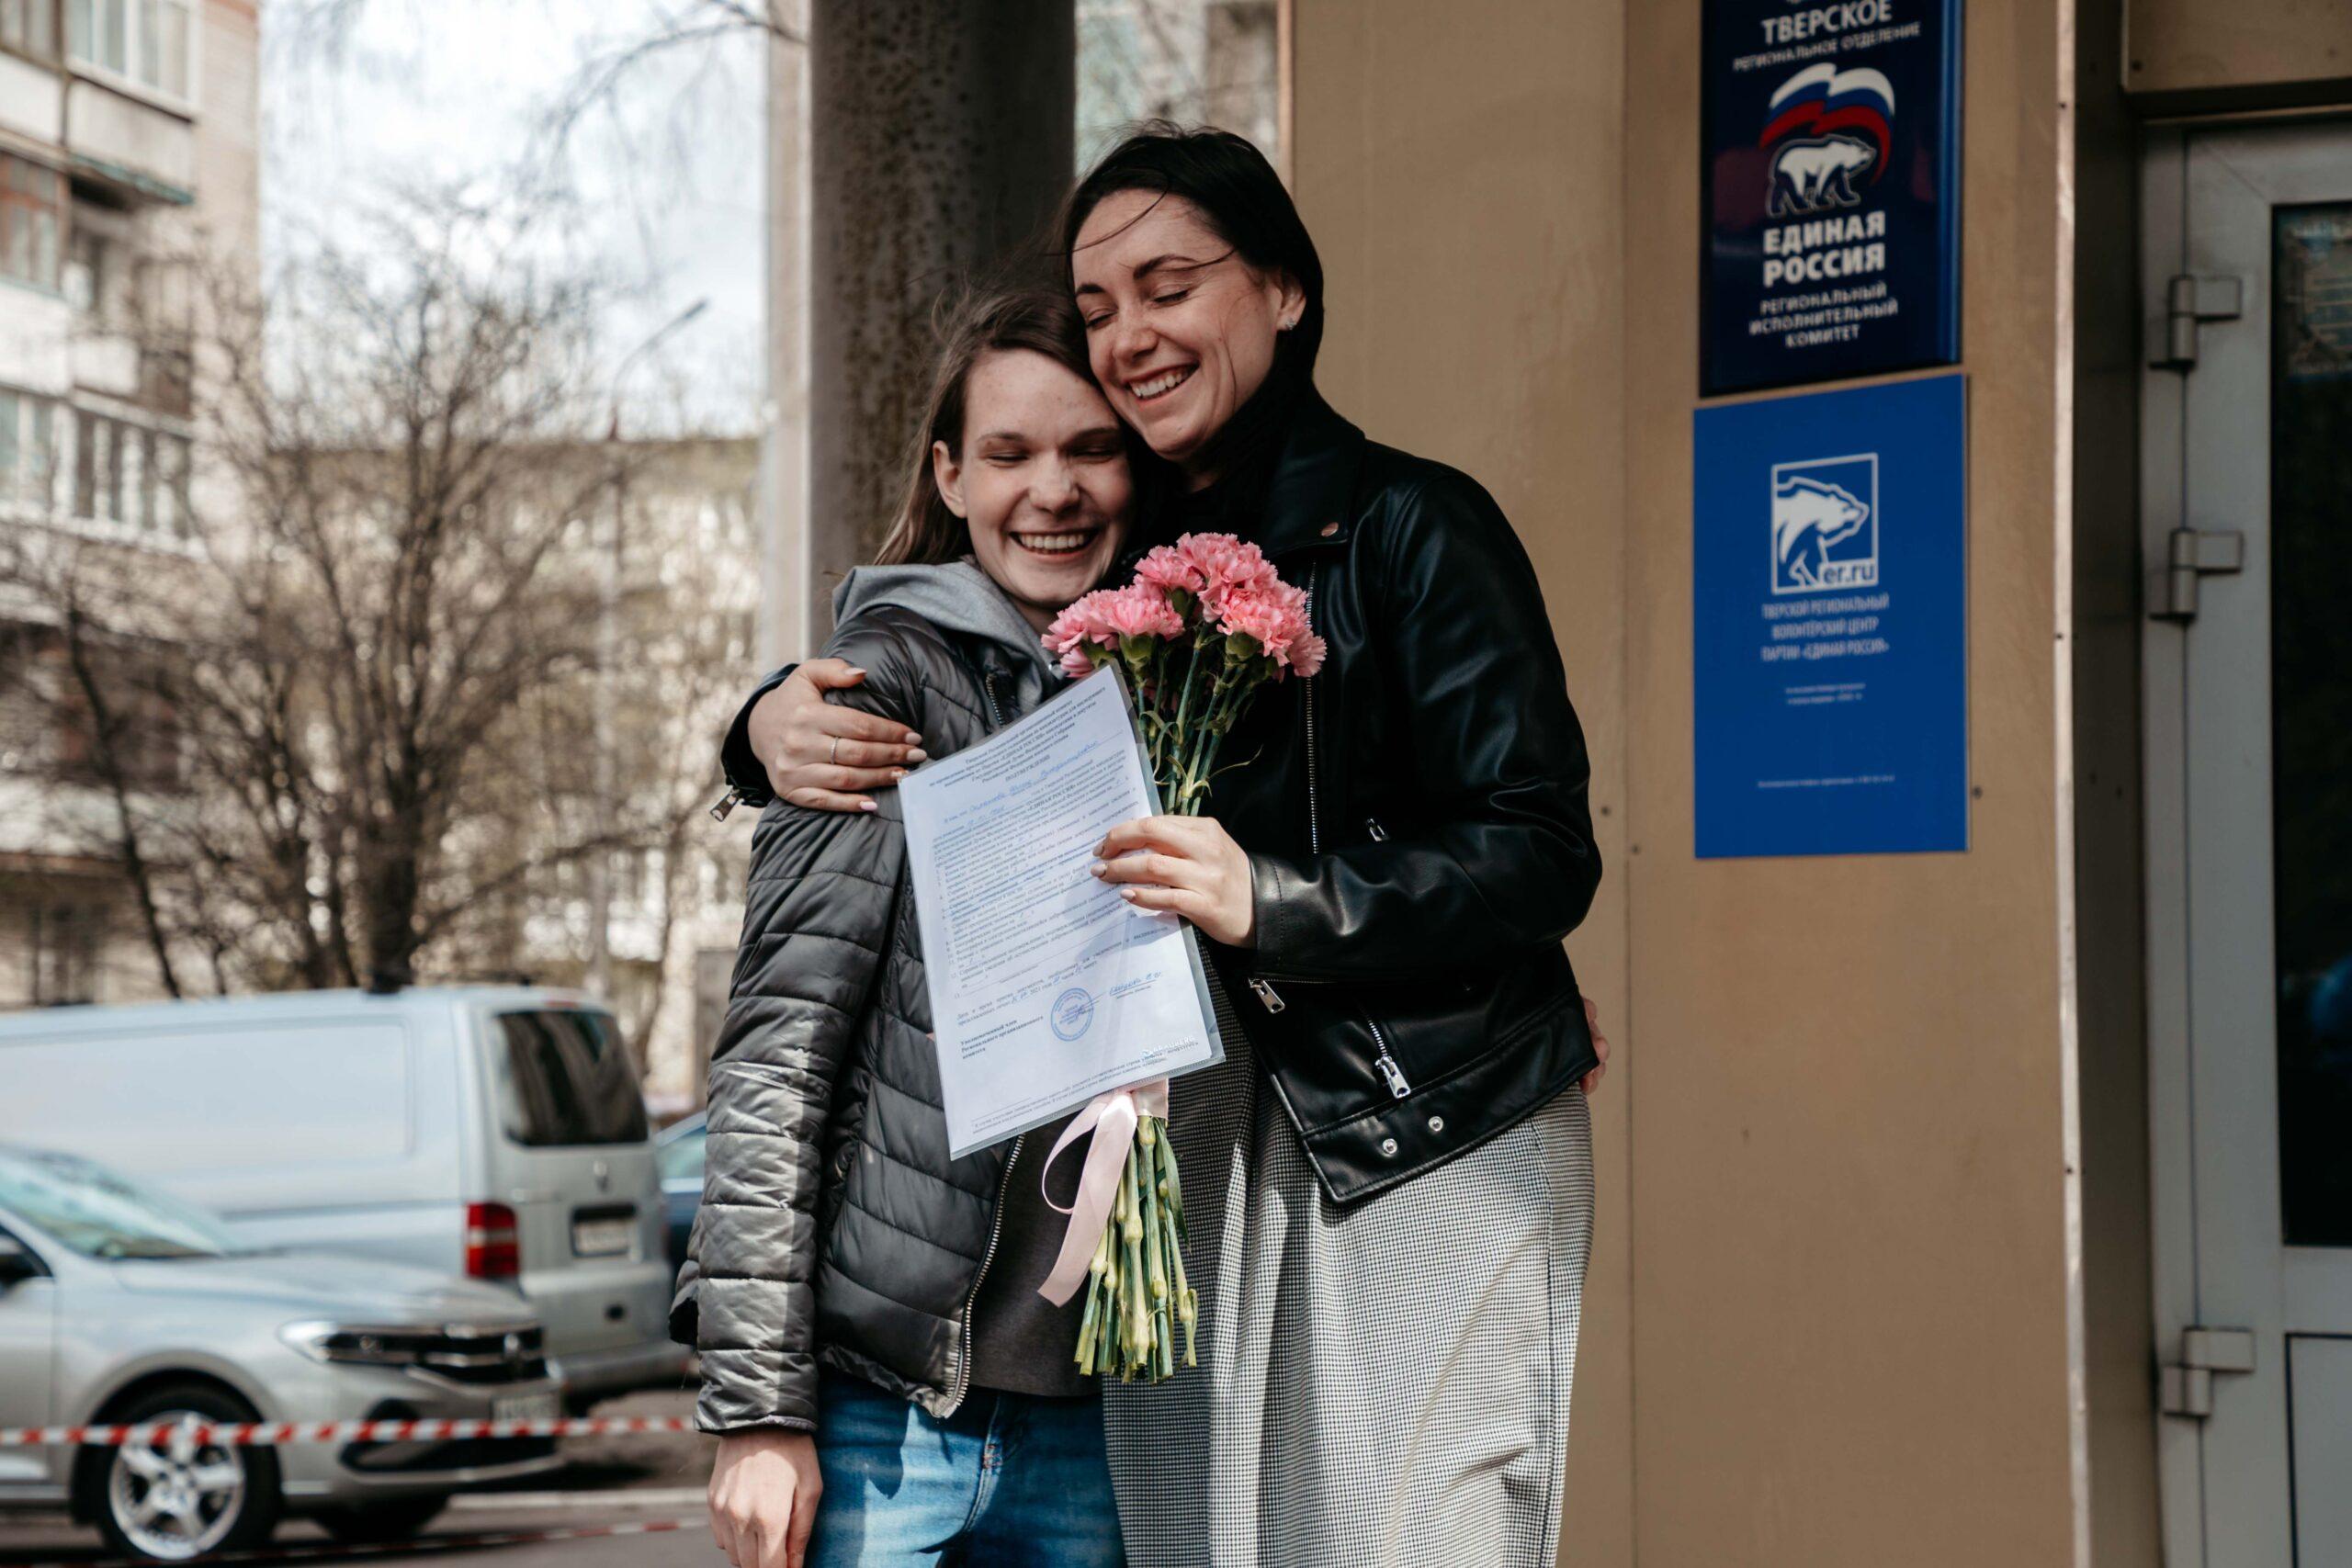 Волонтёры пришли поддержать Юлию Саранову перед праймериз на выборах в Госдуму